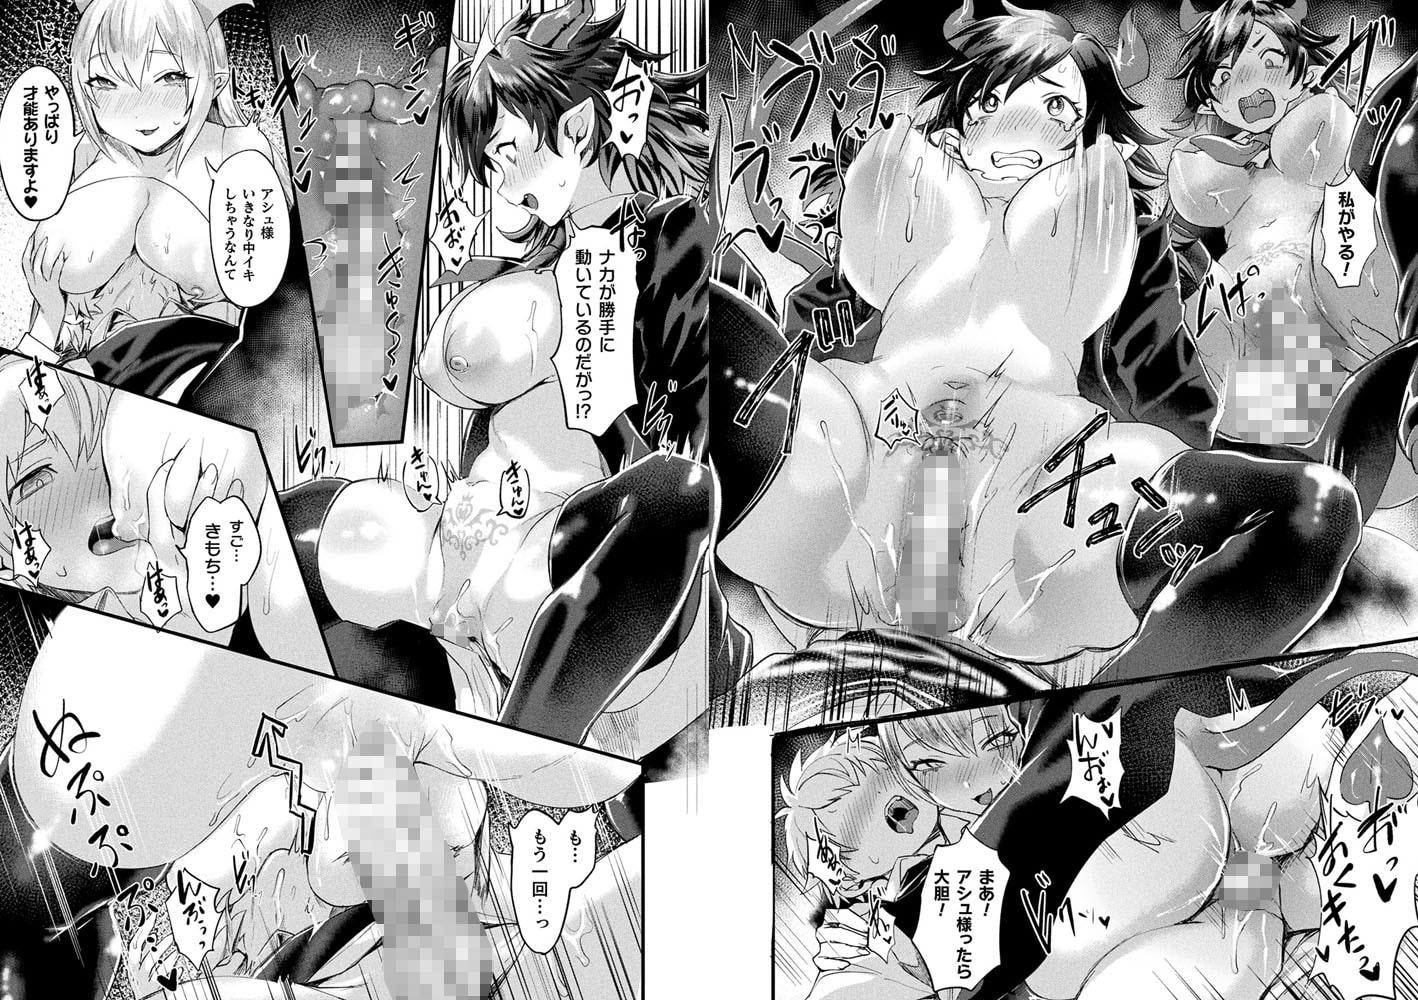 【悪魔的!TS物語】サンプル画像